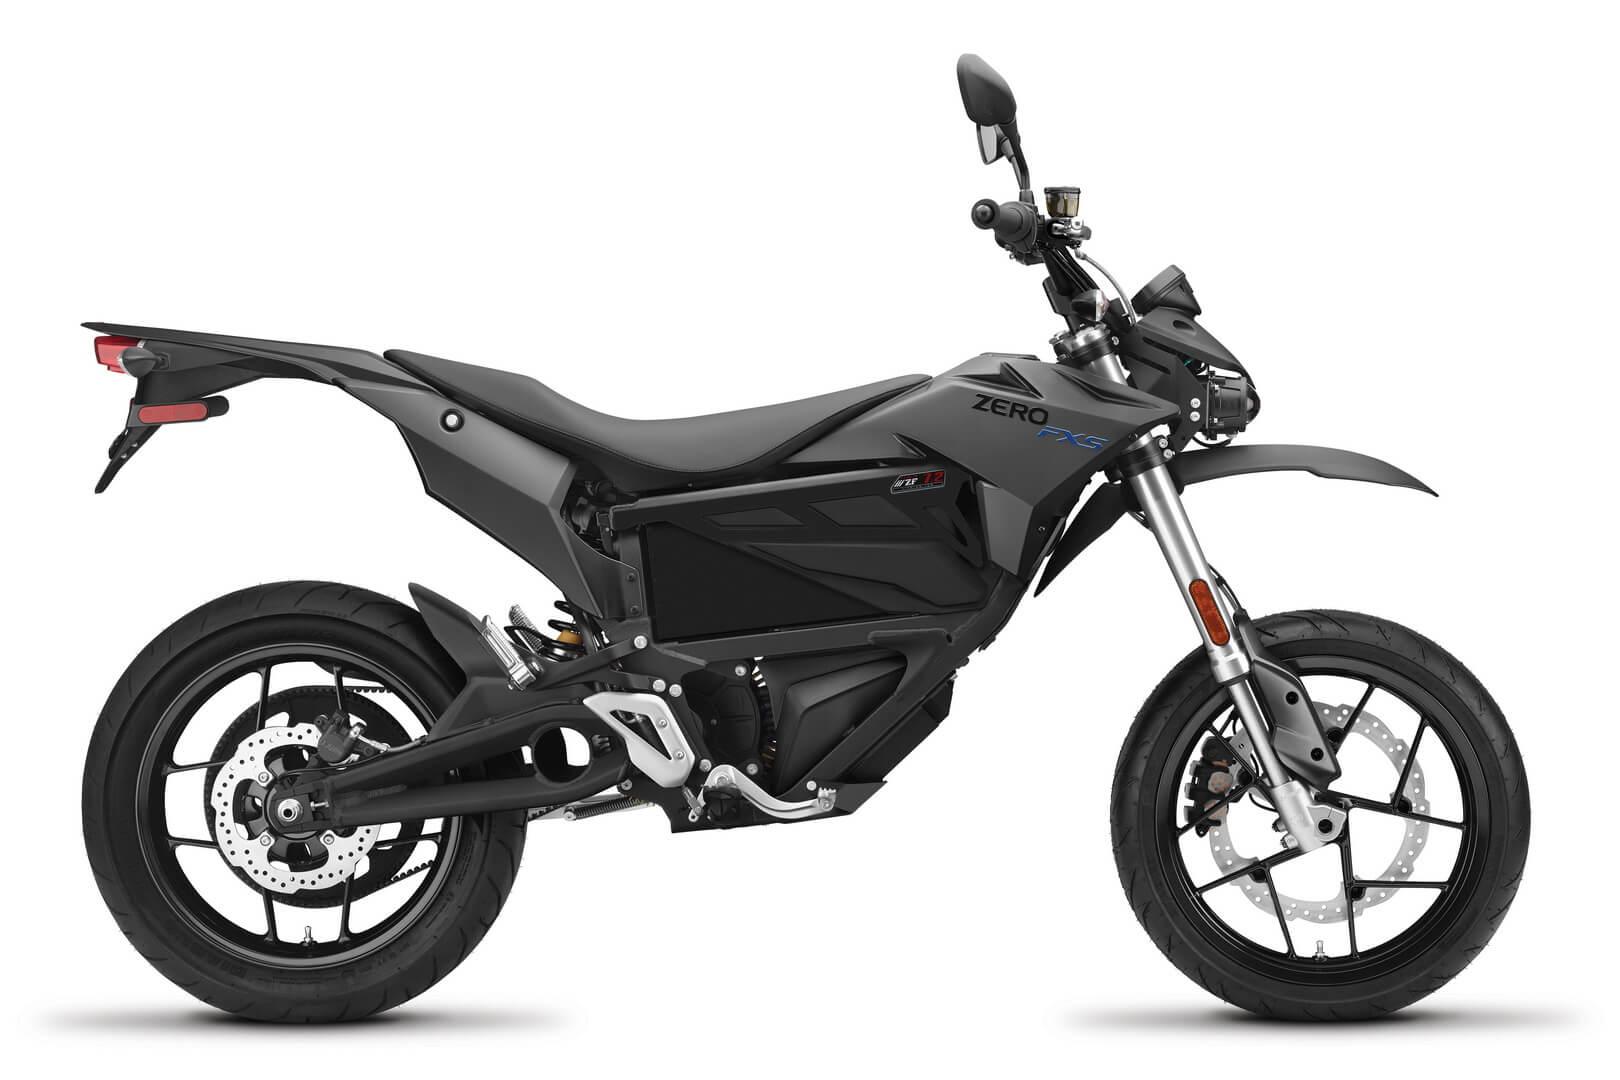 Электромотоцикл Zero FXS